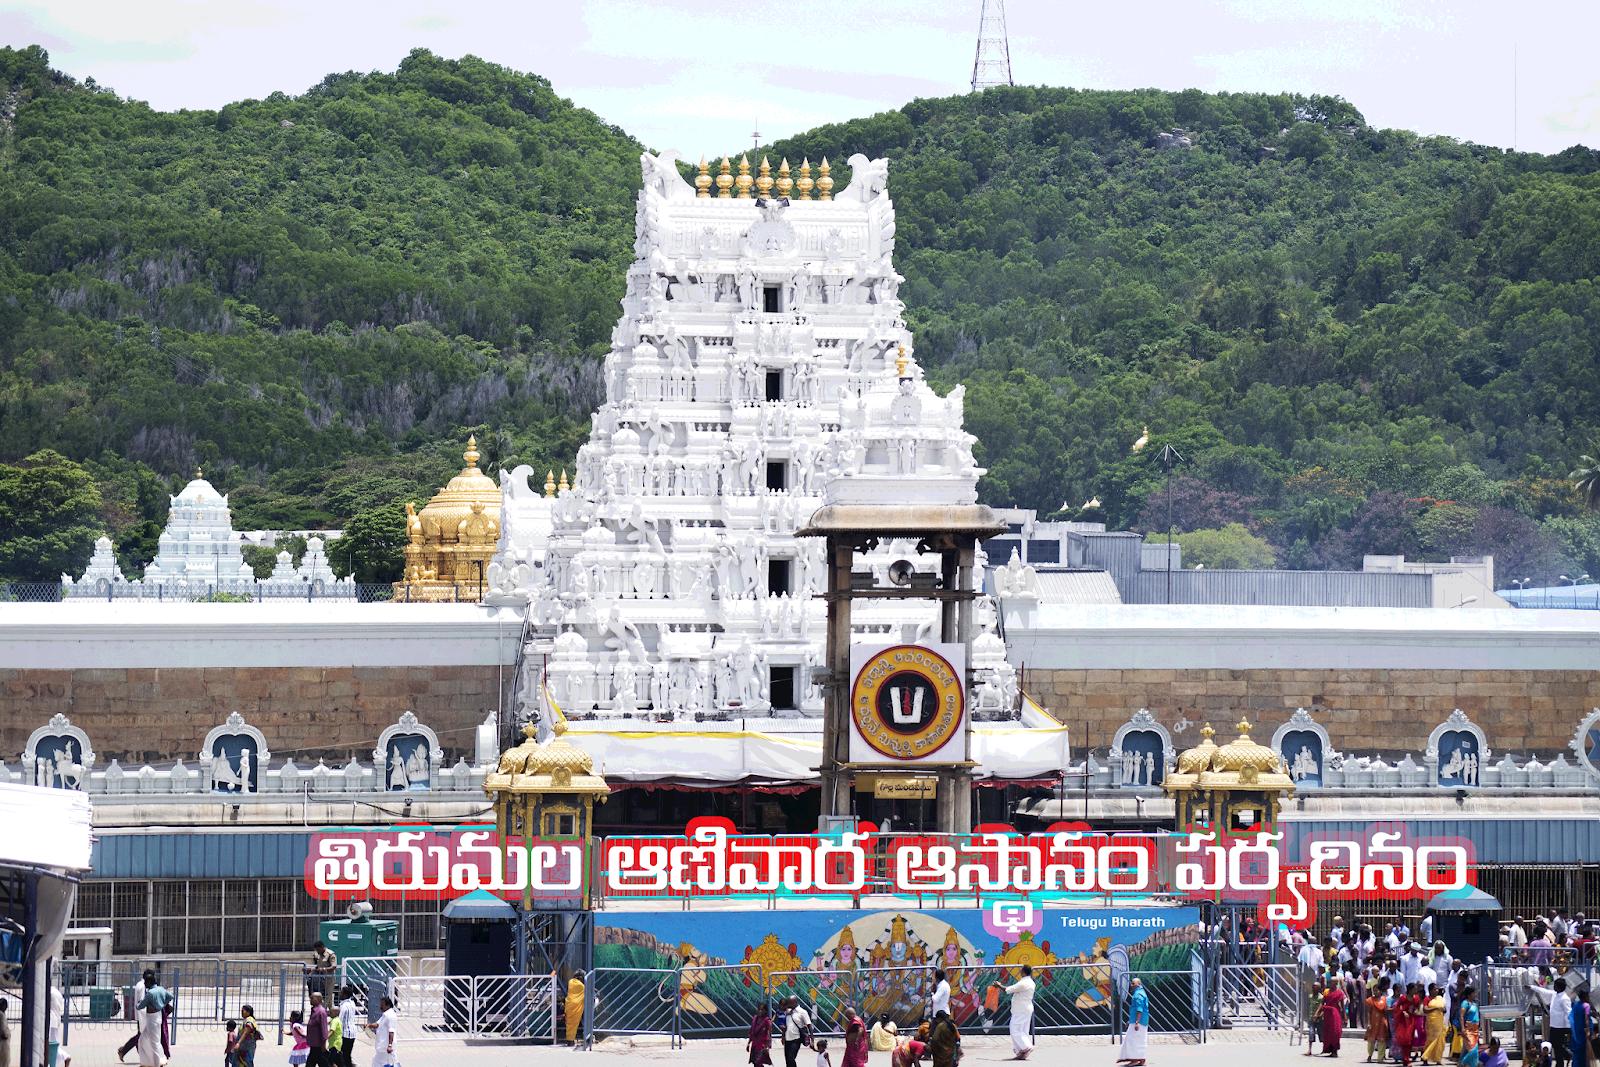 తిరుమల ఆణివార ఆస్థానం పర్వదినం - ANIVARA ASTHANAM AT SRIVARI TEMPLE